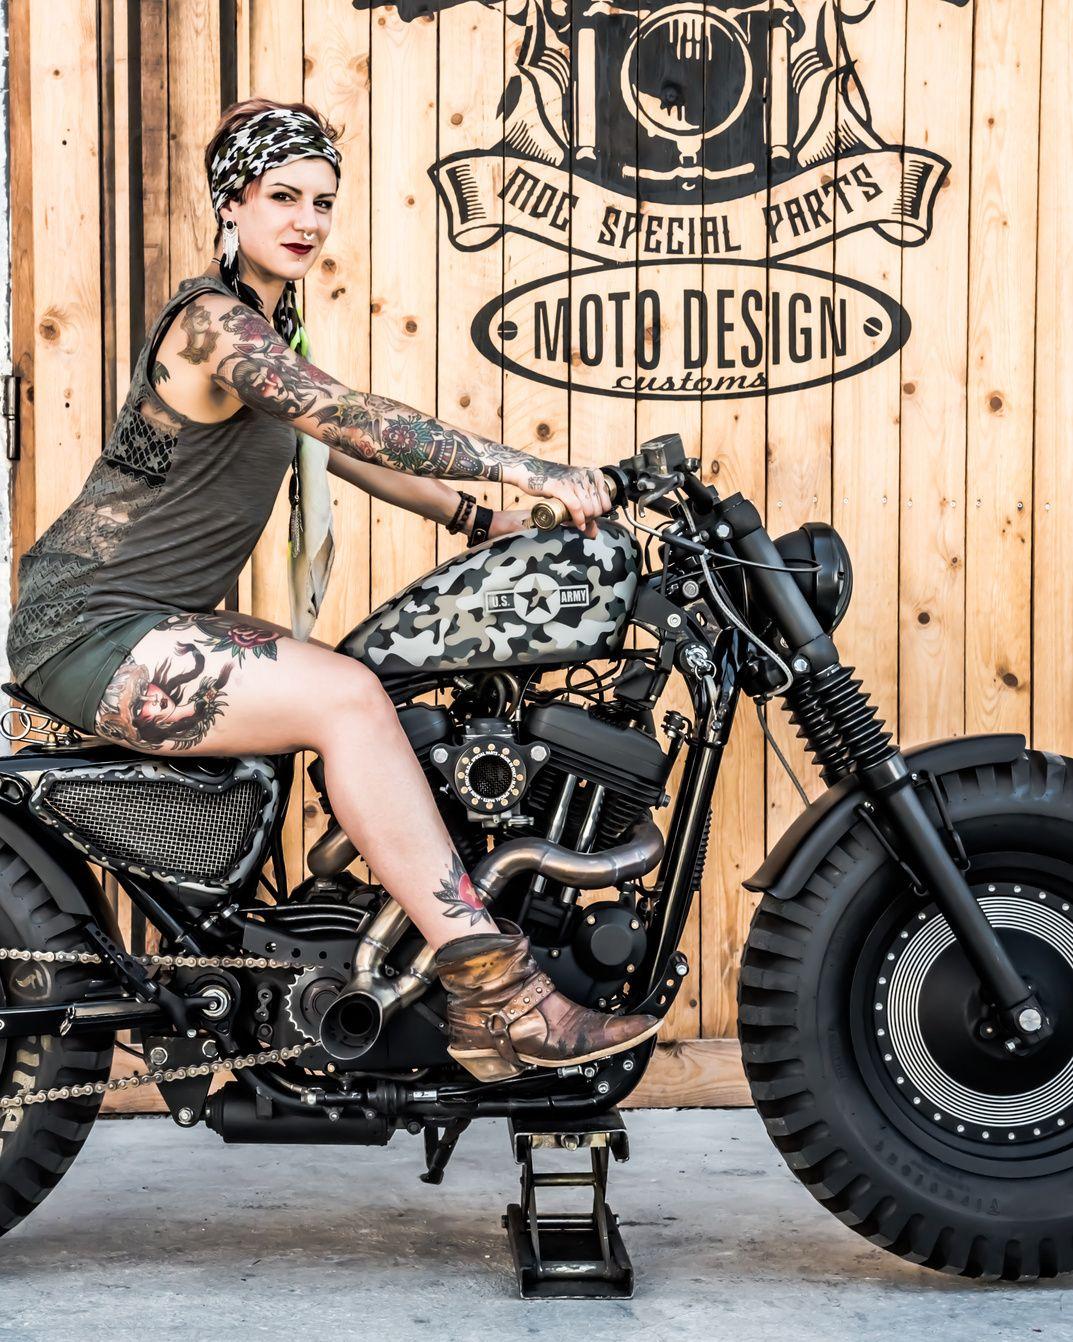 La Tankster Su Base Harley Davidson Sportster 883 Pare Essere Scappata Dalla Pellicola Harley Davidson Ragazze In Motocicletta Motociclette Harley Davidson